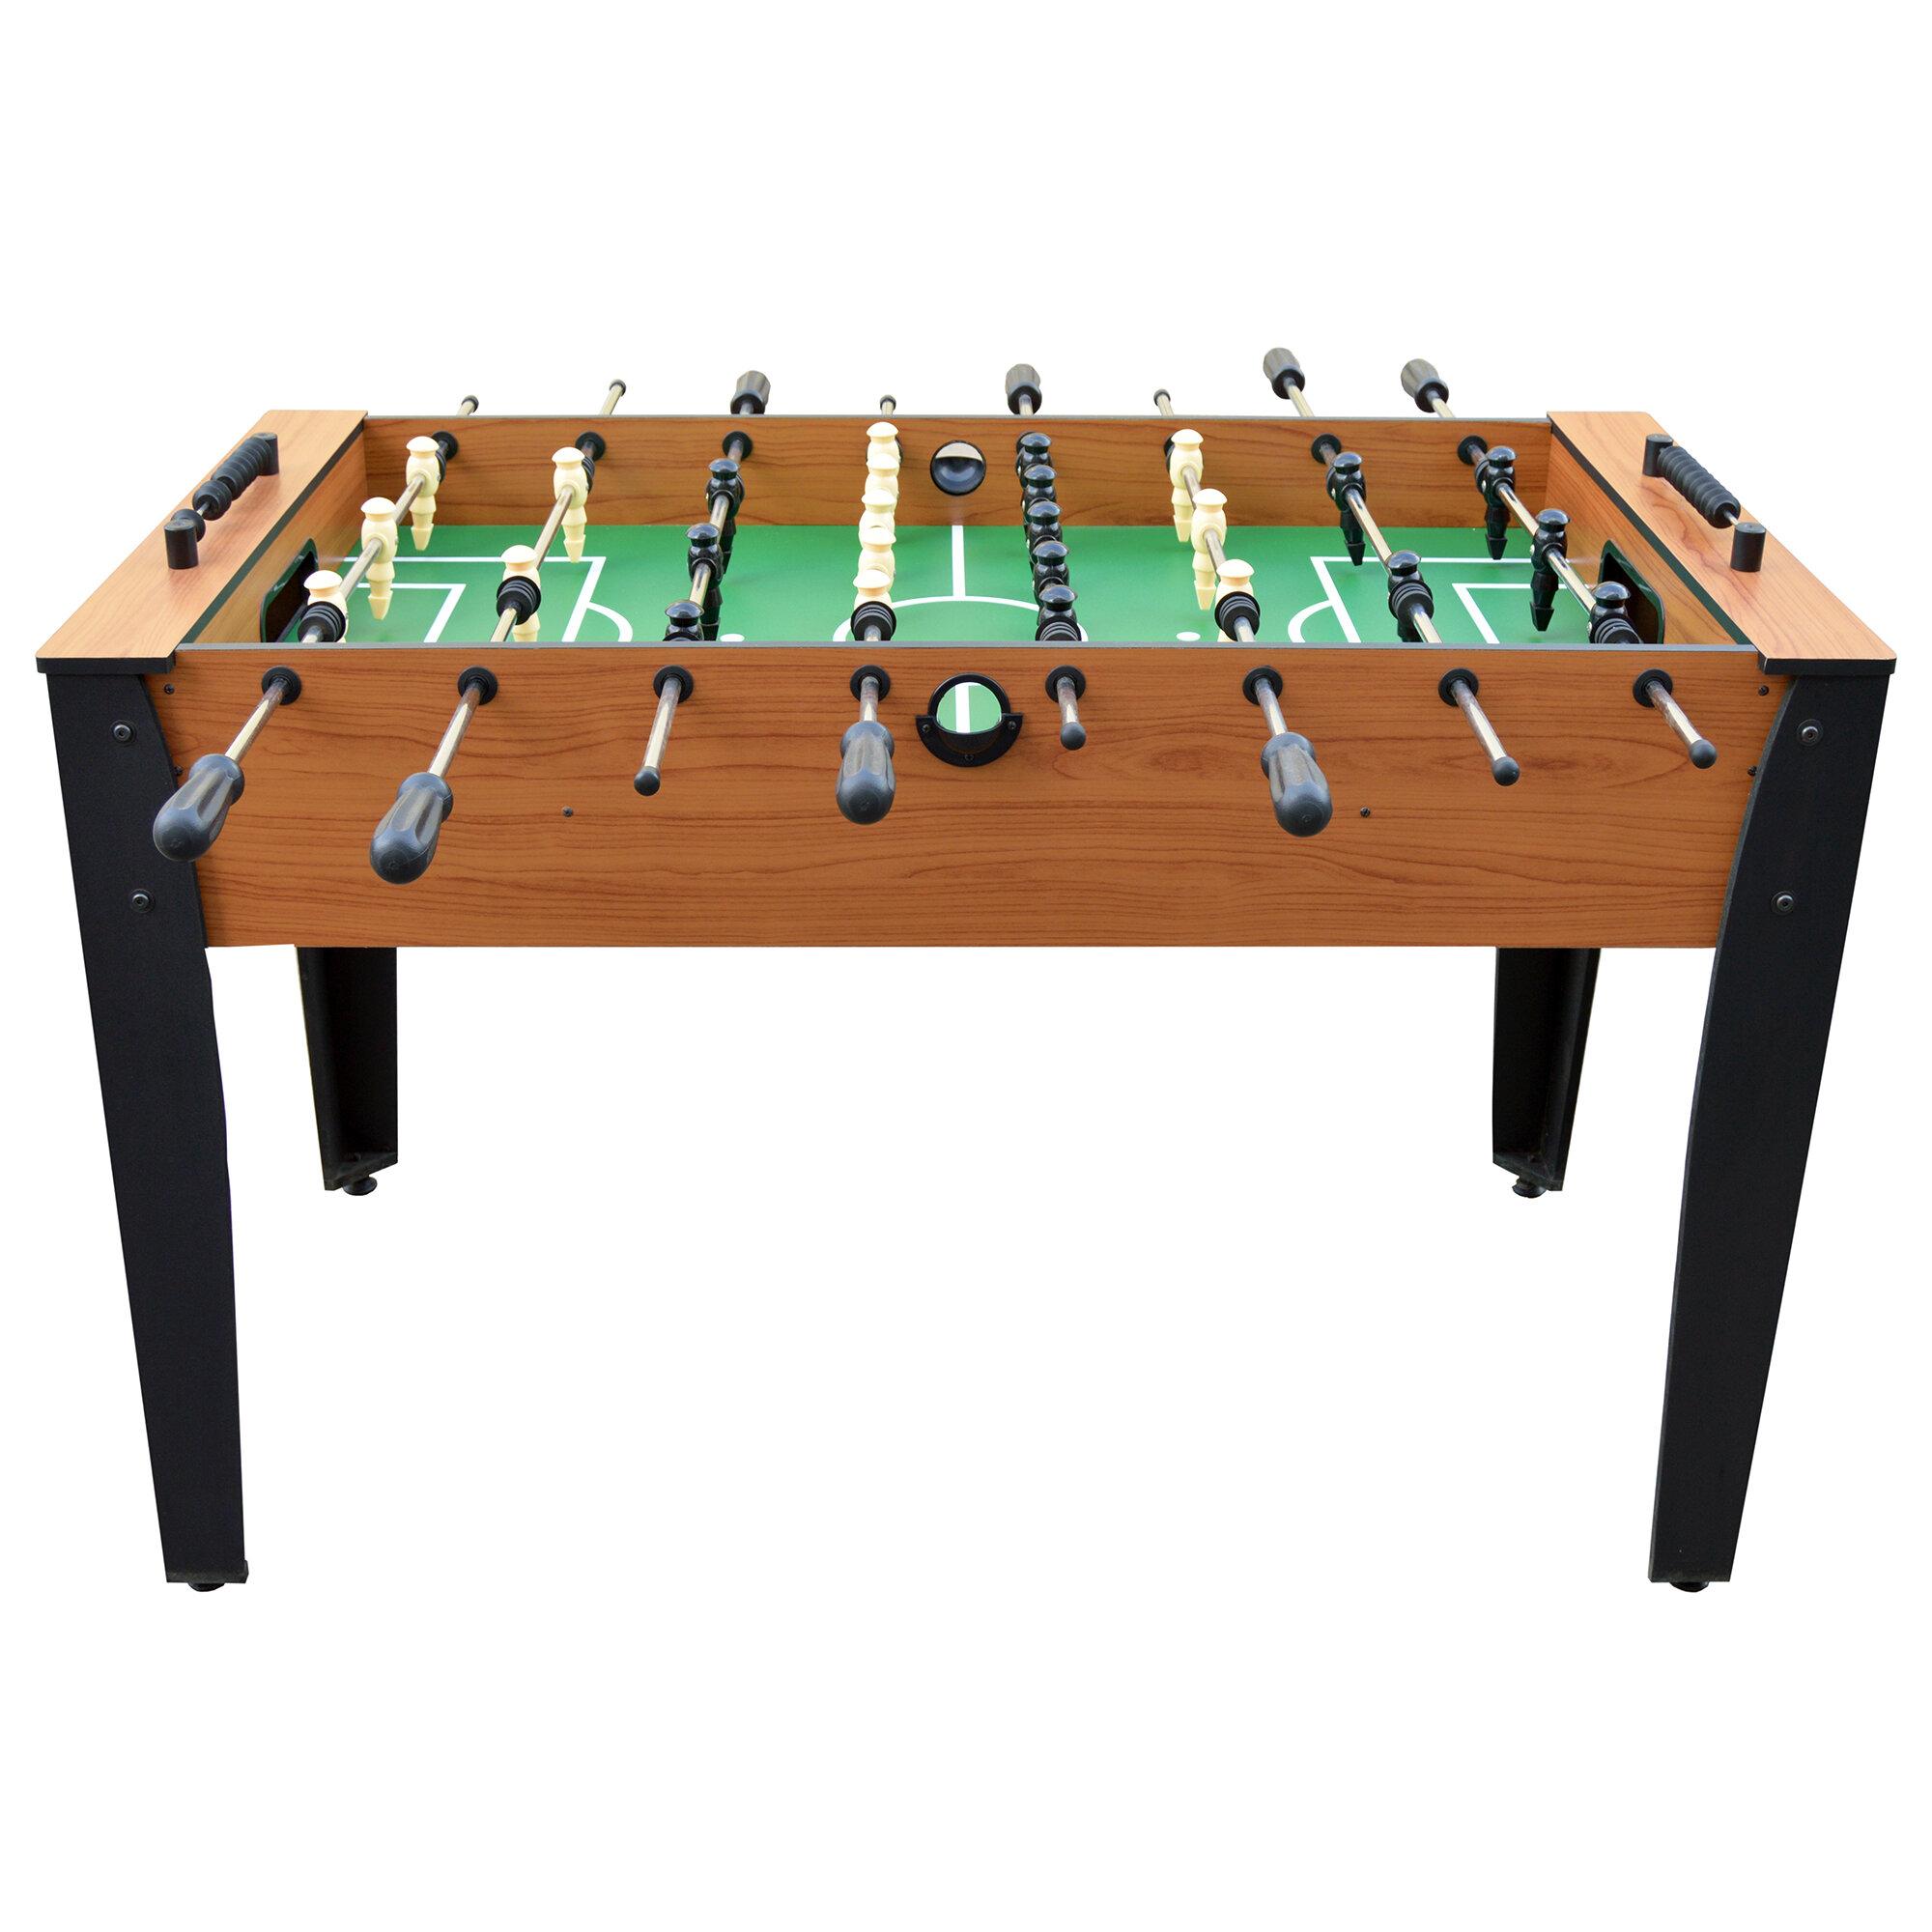 Hathaway Games Hurricane Foosball Table Reviews Wayfair - Single goalie foosball table